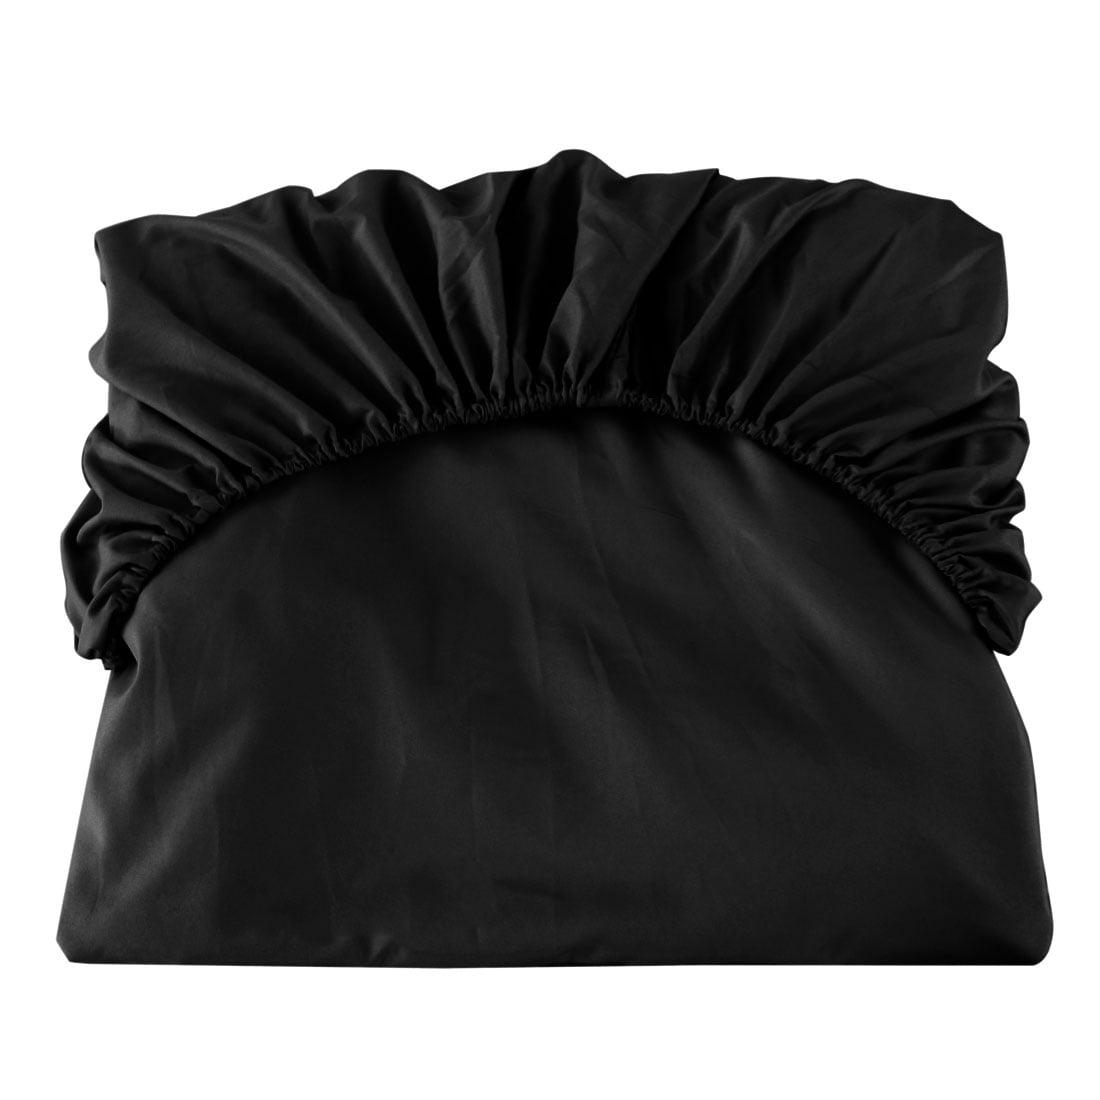 deep pocket fitted sheets queen only microfiber sheet set black. Black Bedroom Furniture Sets. Home Design Ideas